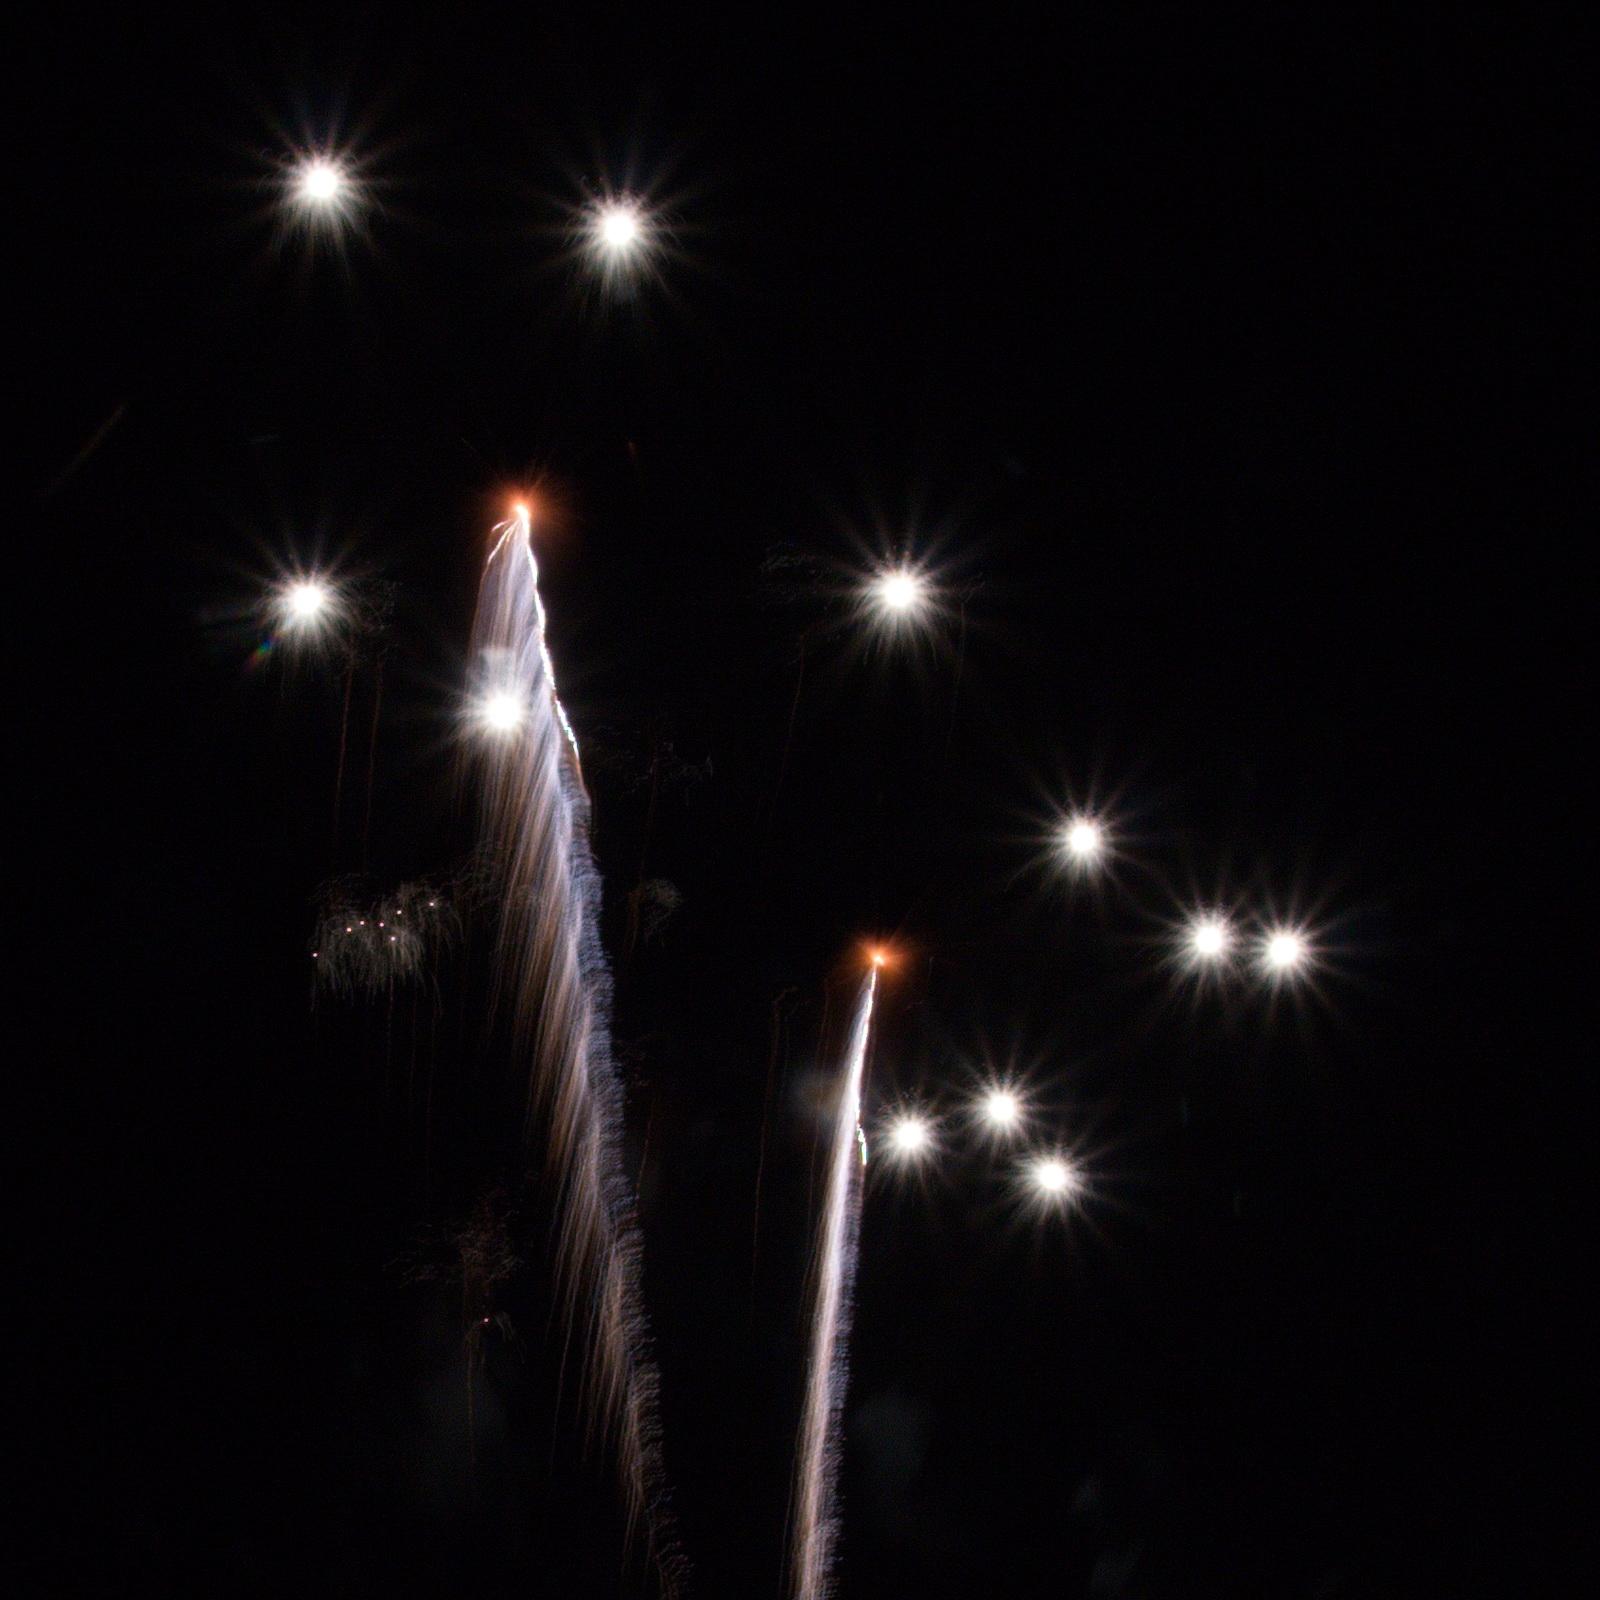 Massachusetts Fireworks: the show begins